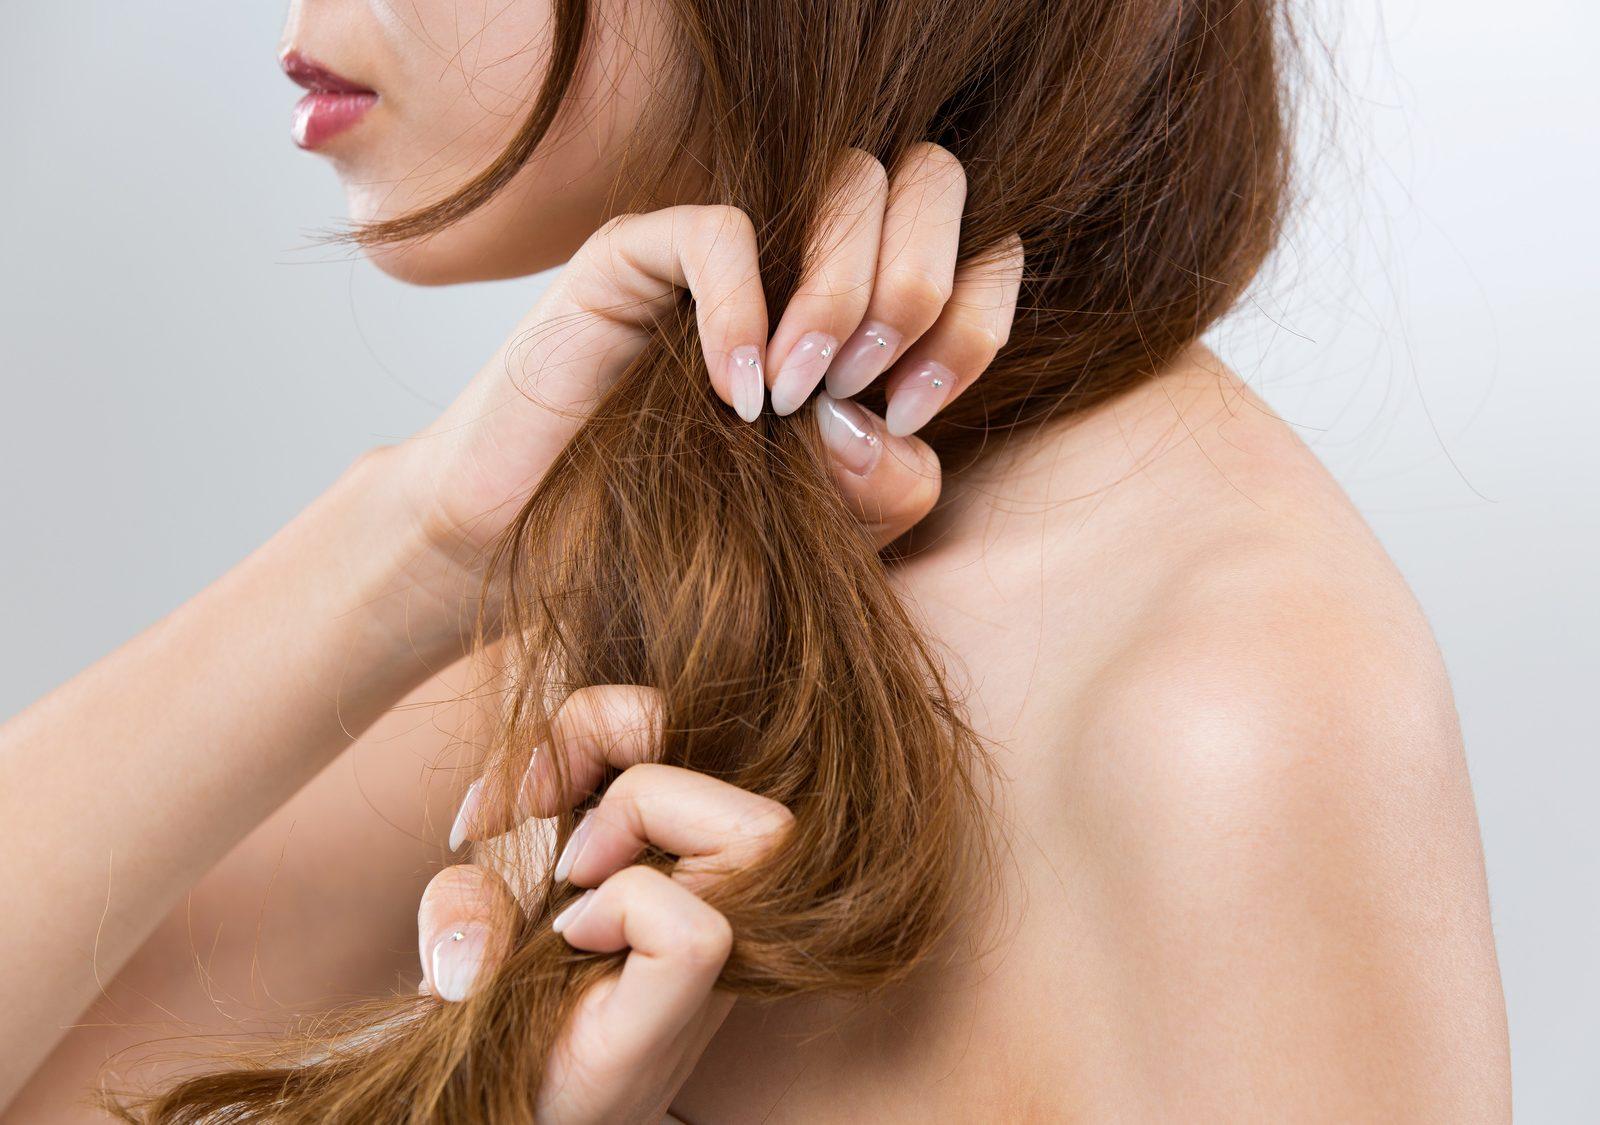 いま一番困っている「髪の悩み」はなんですか?40代女性はやっぱりコレ